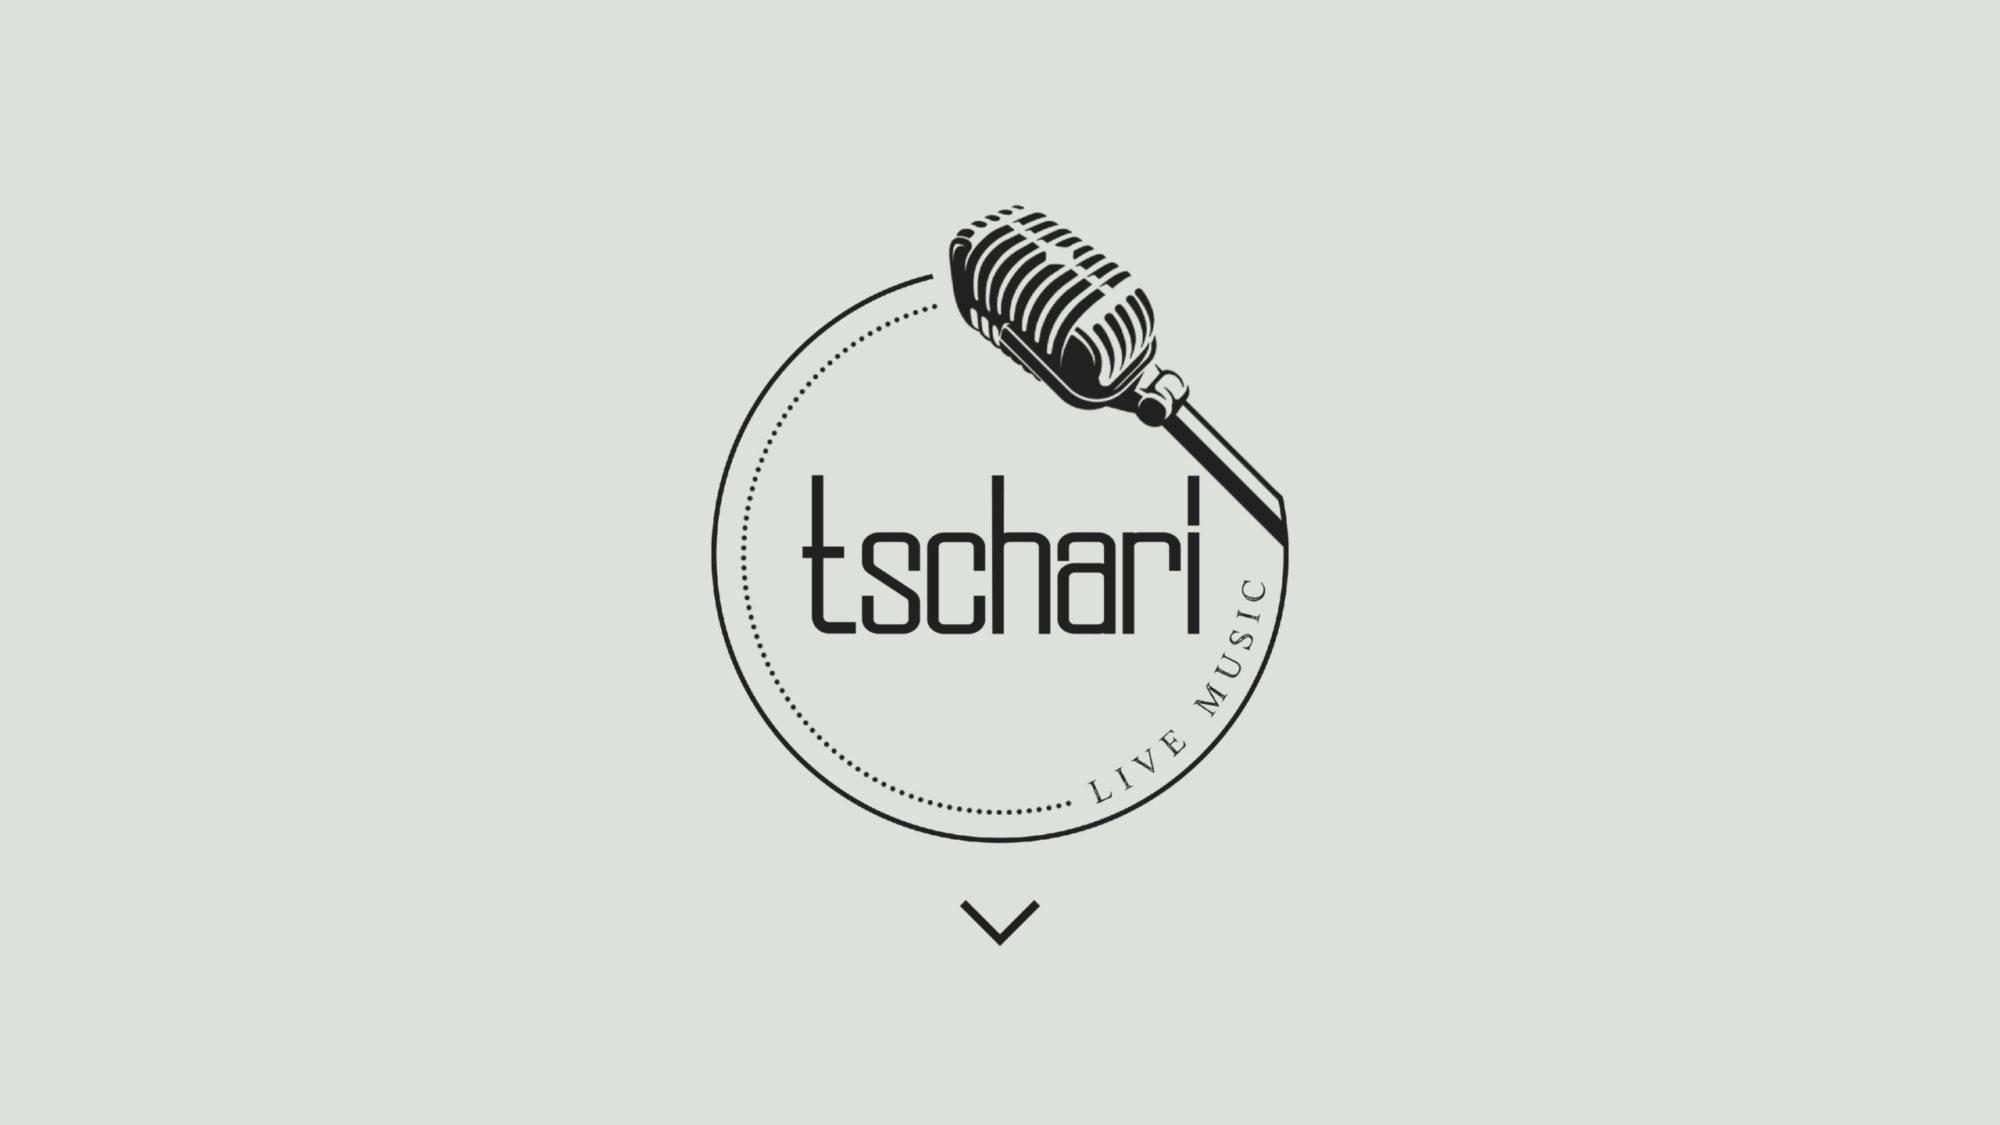 Tschari